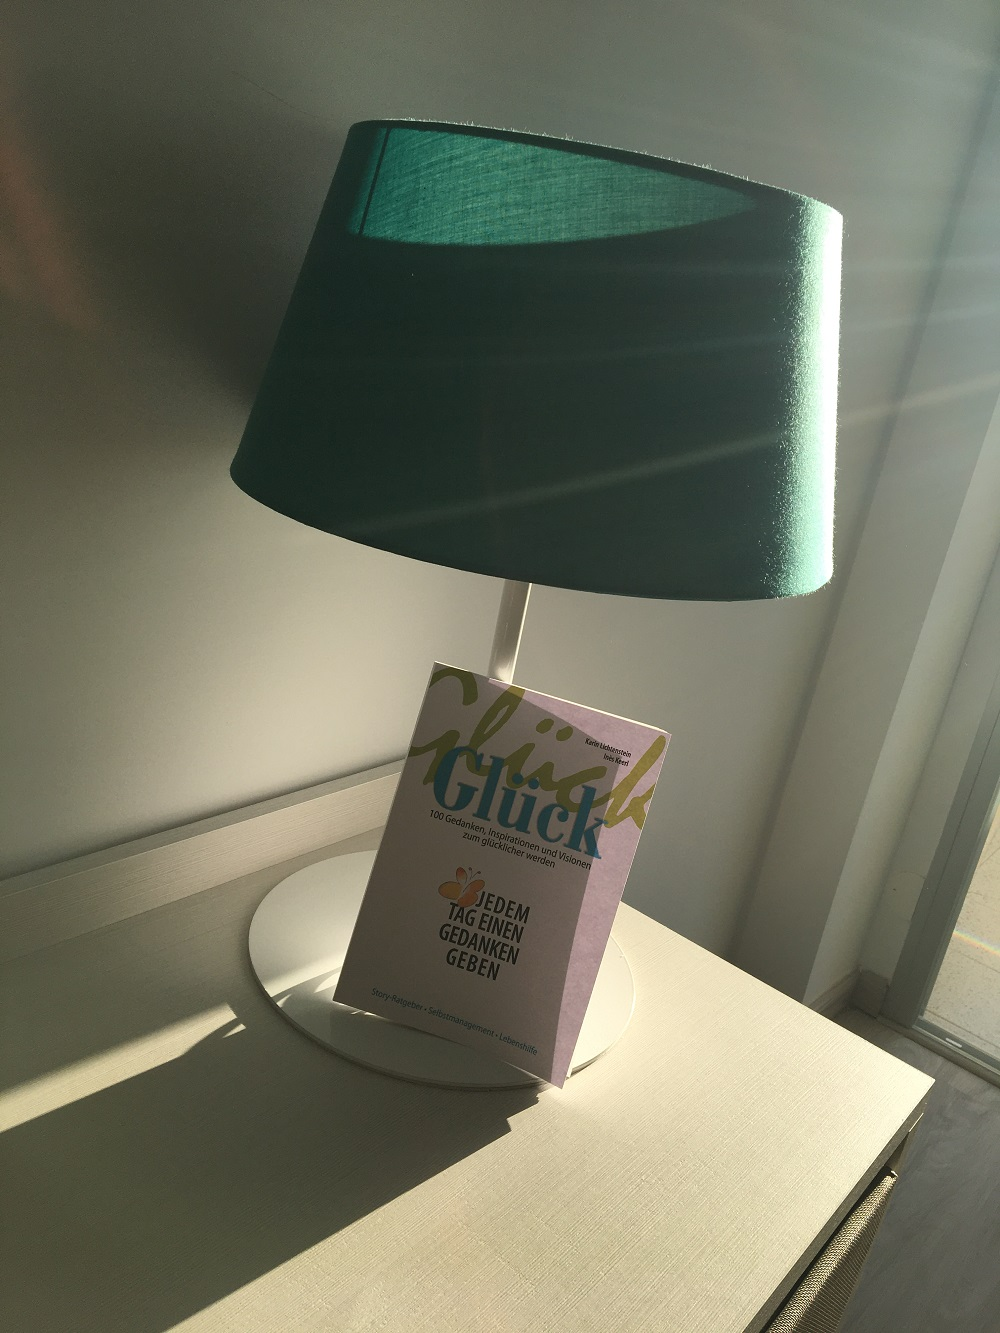 wie startest Du in den Tag Buch angelehnt an eine Lampe